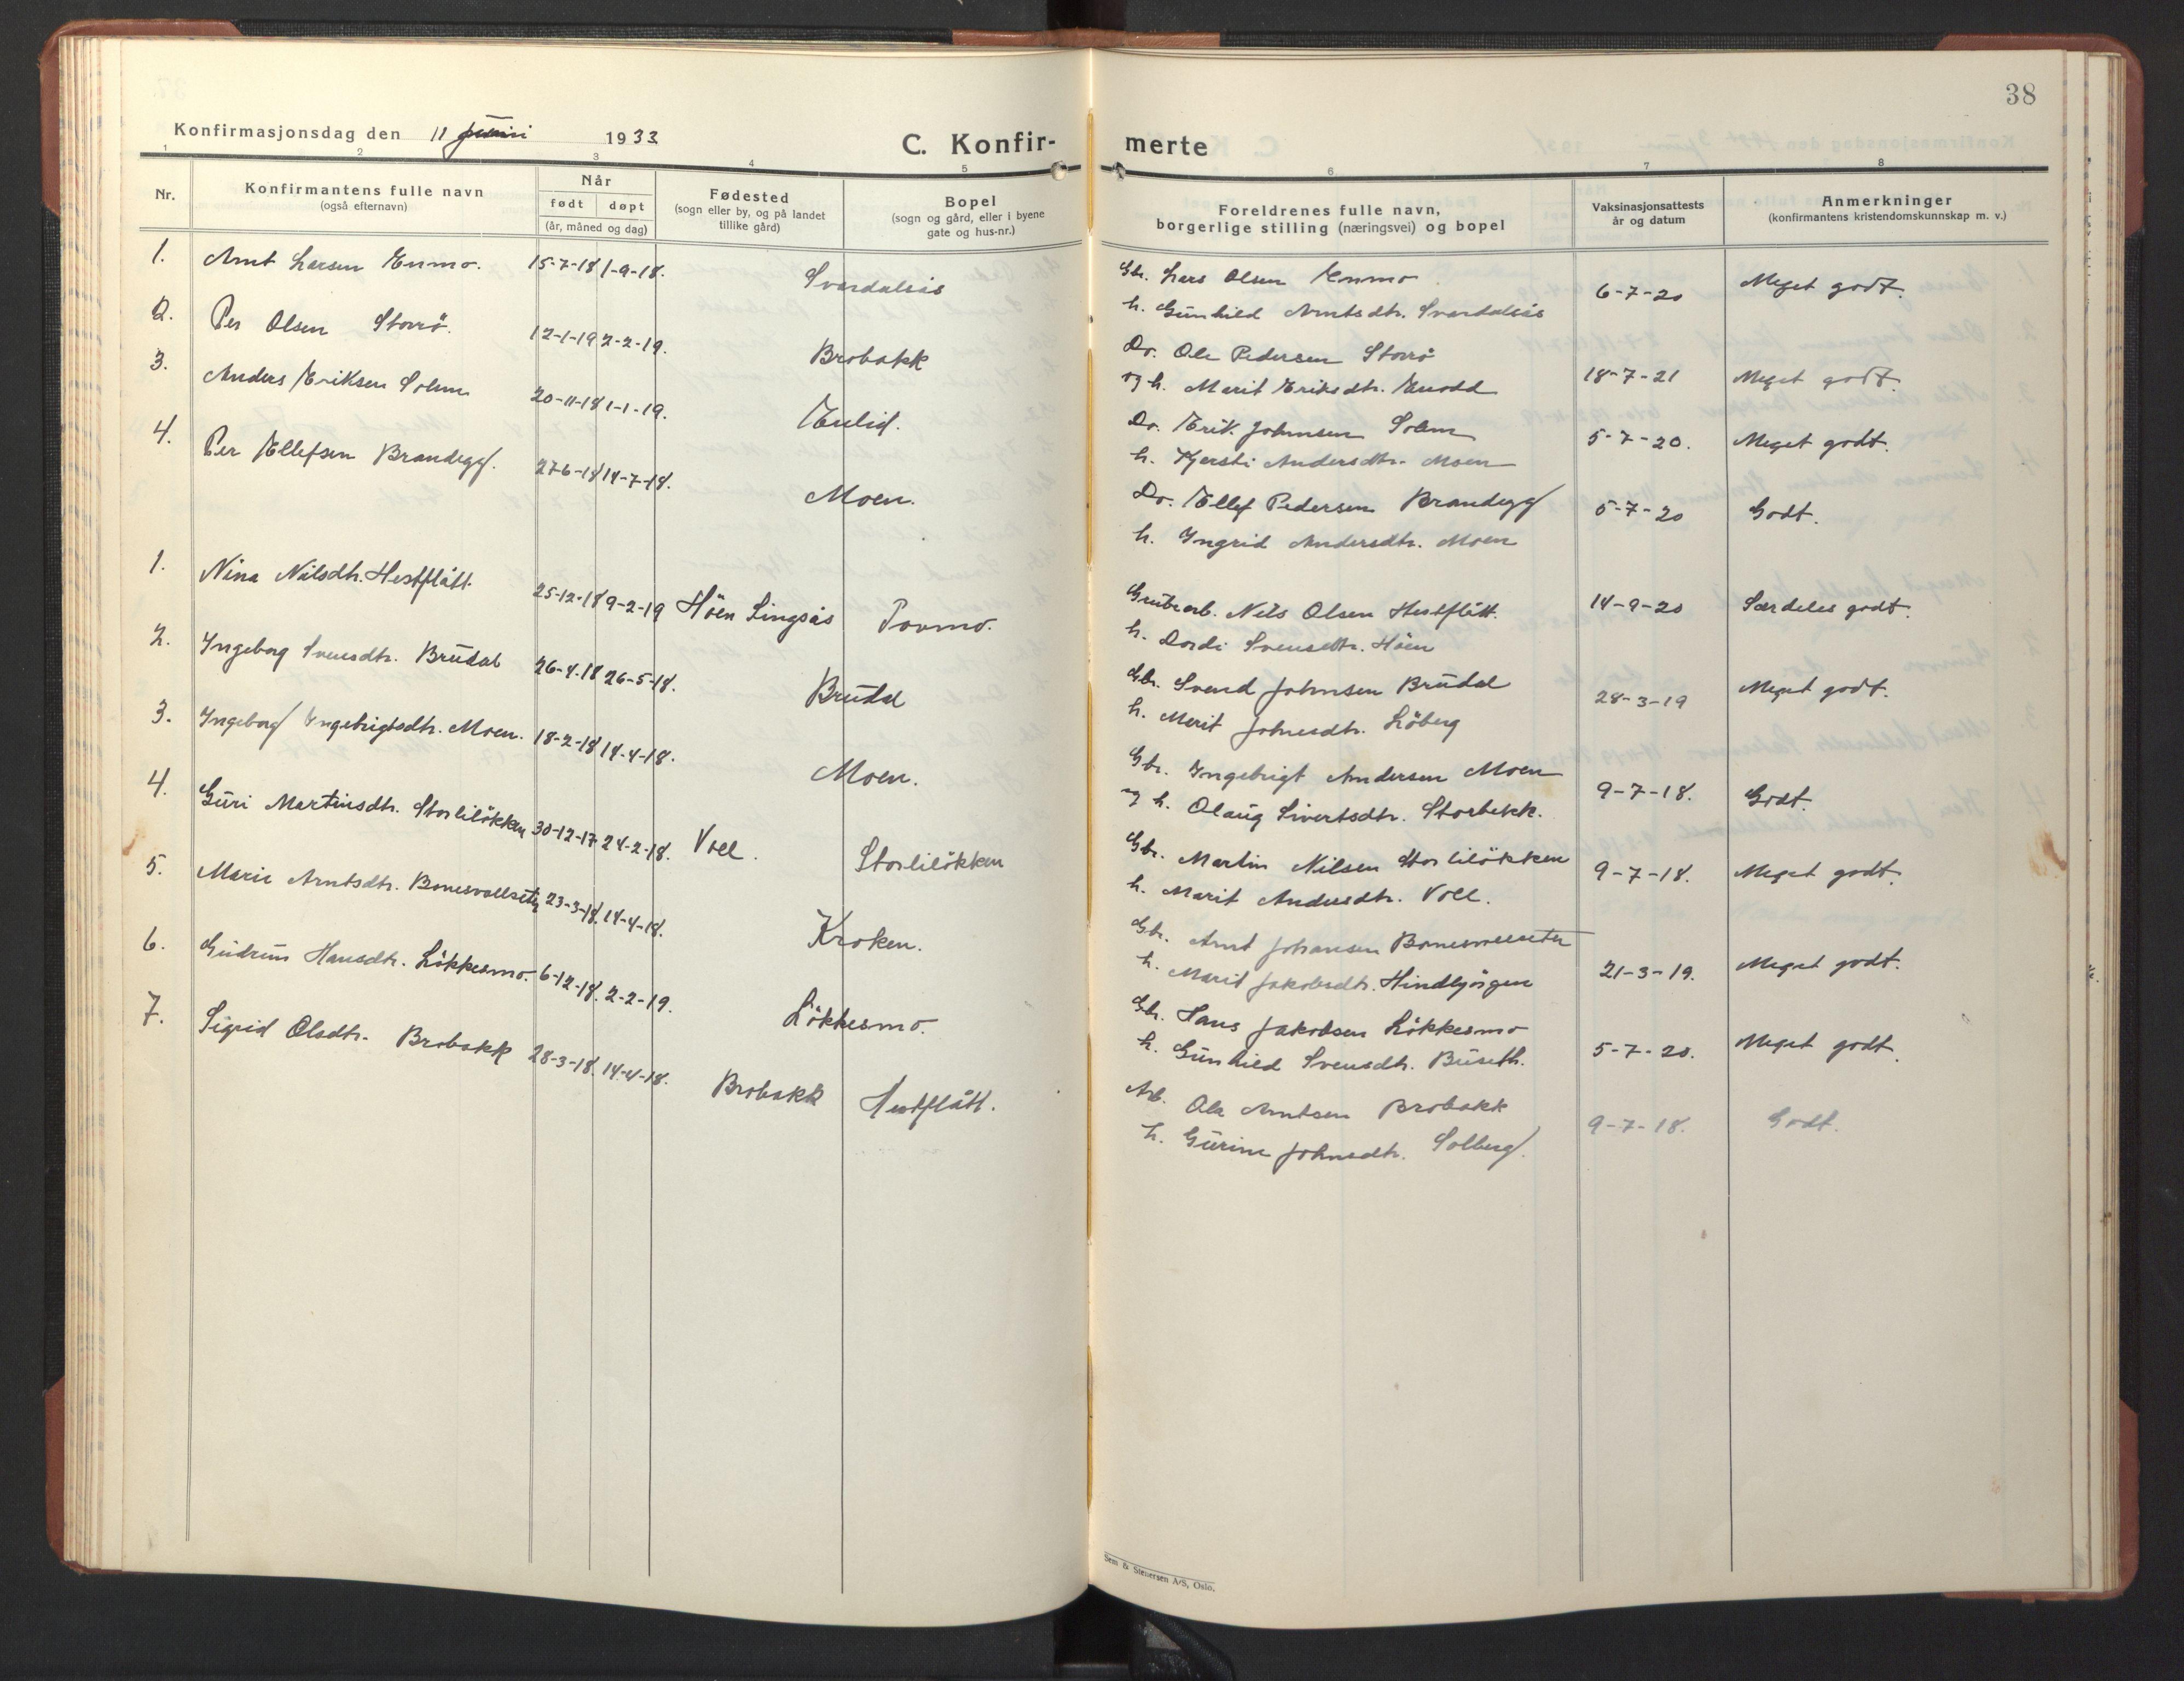 SAT, Ministerialprotokoller, klokkerbøker og fødselsregistre - Sør-Trøndelag, 690/L1053: Klokkerbok nr. 690C03, 1930-1947, s. 38